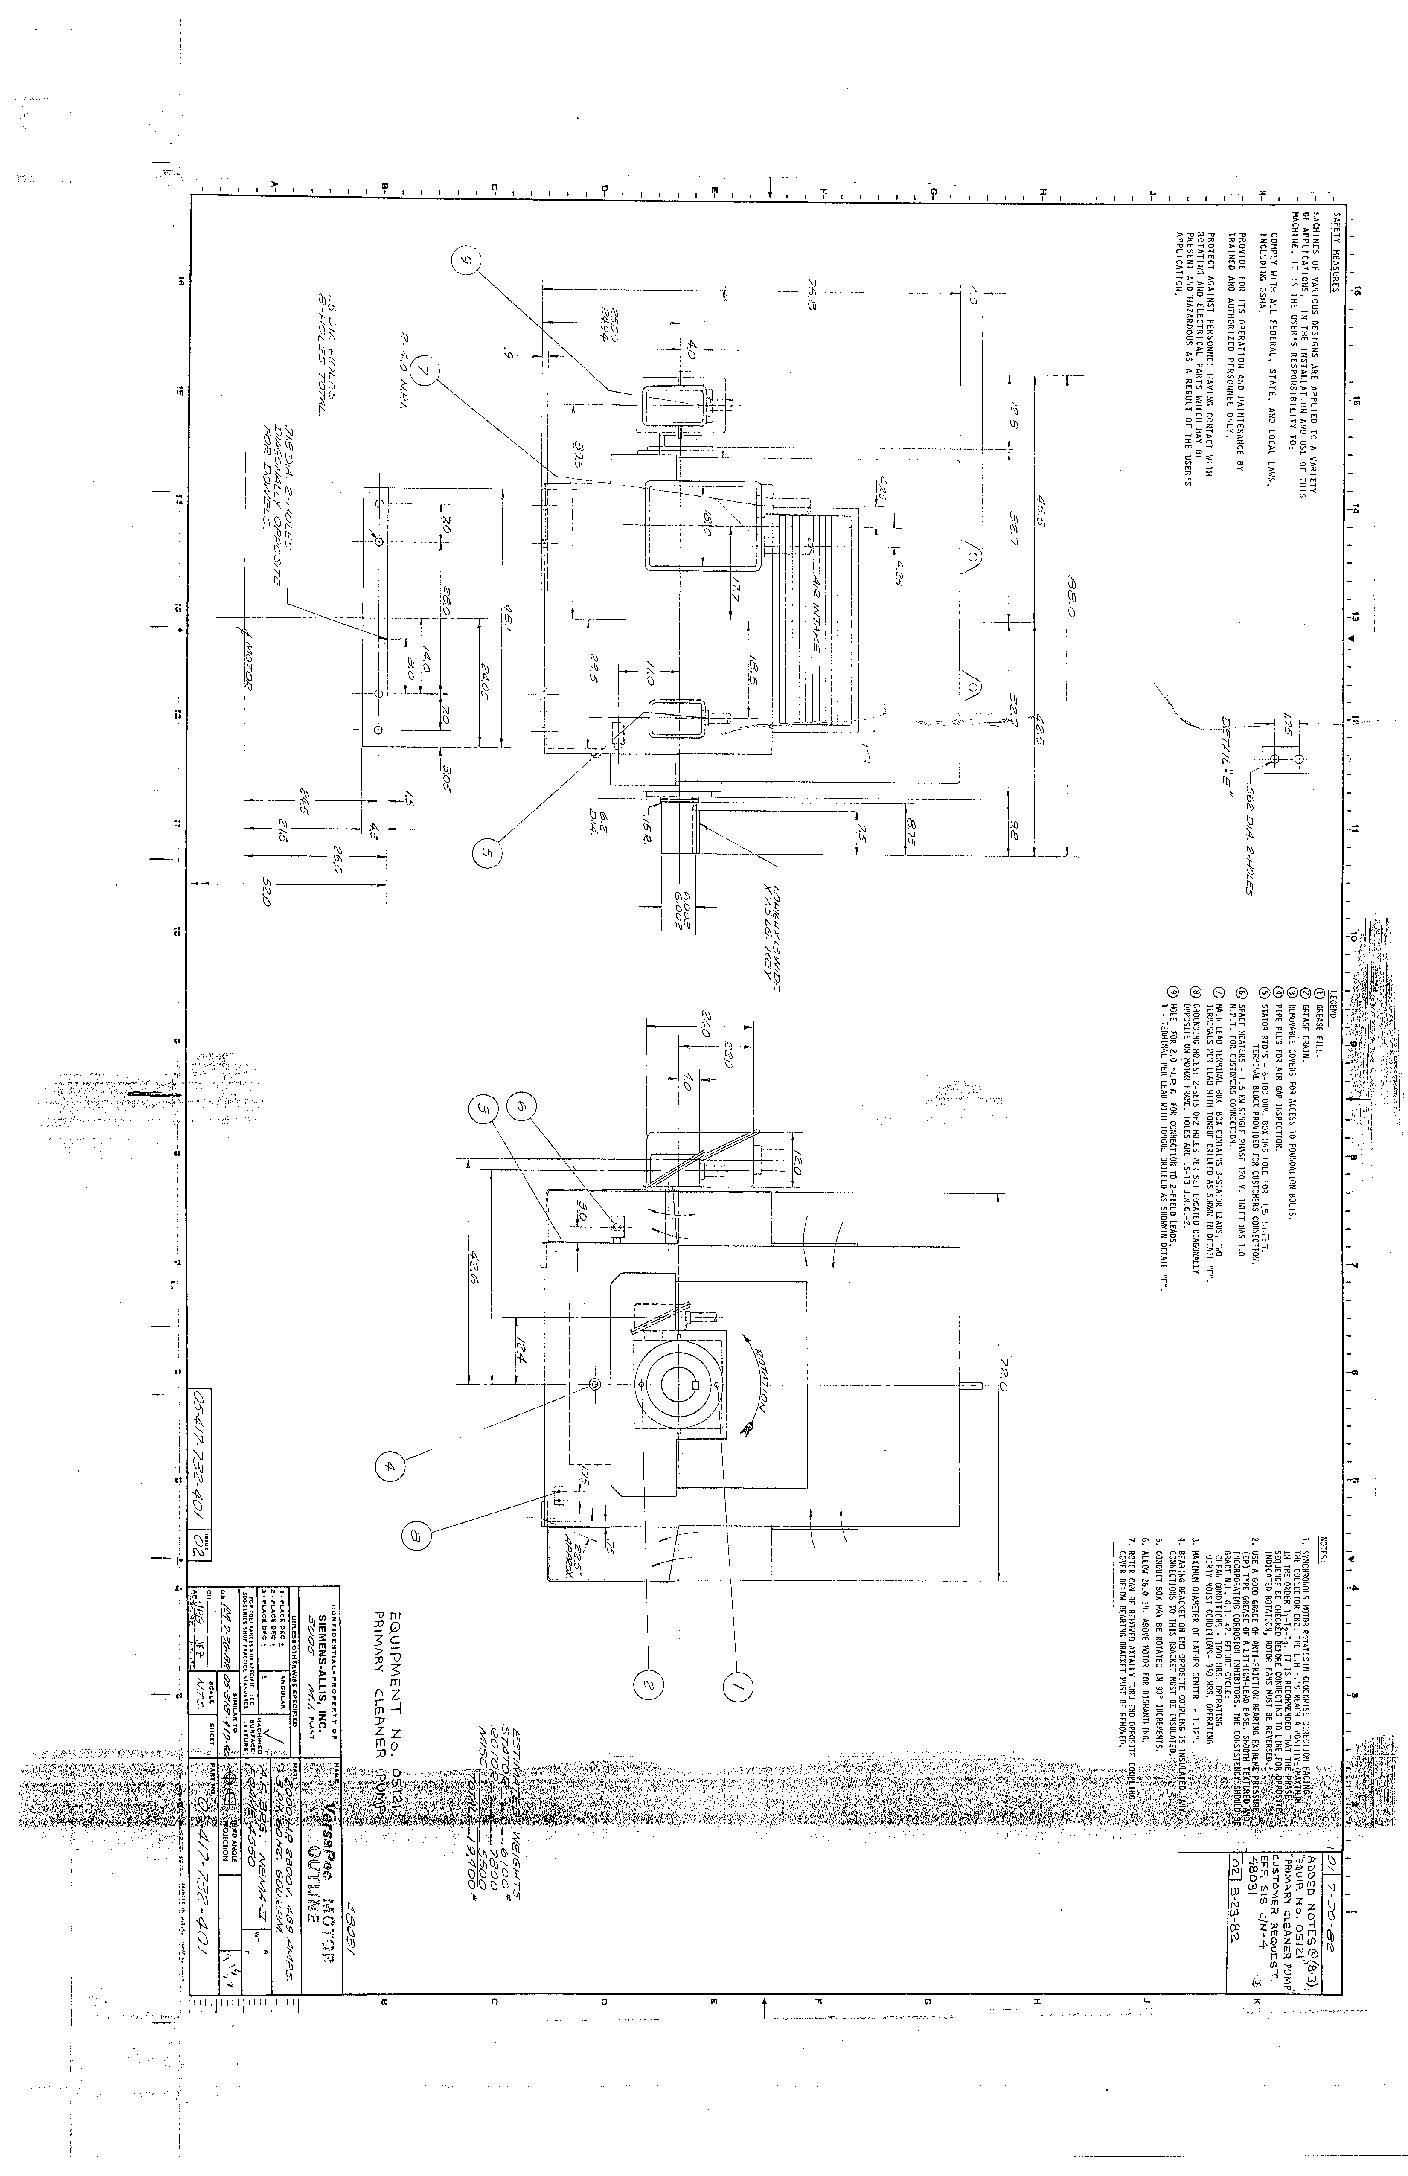 2000 HP, 600 RPM, SIEMENS-ALLIS, FRAME 4550, BBWPII, 2300